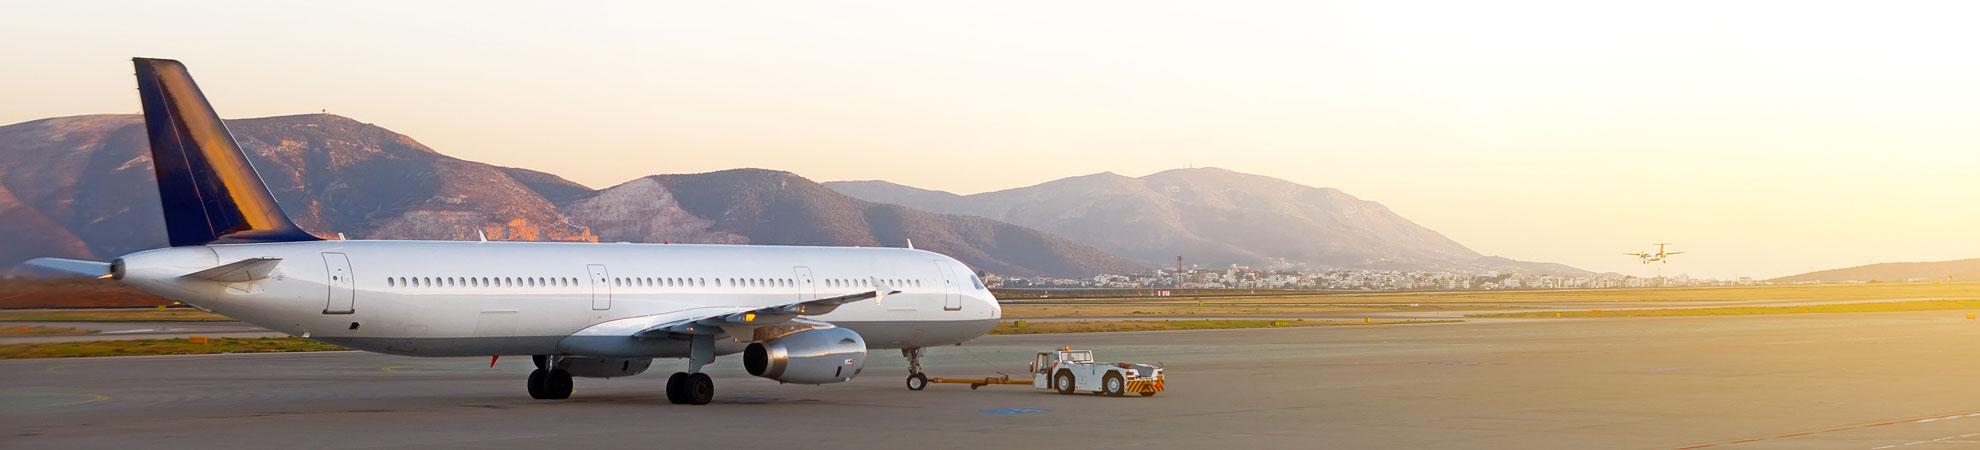 Conseils pratiques pour améliorer son expérience à l'aéroport avant un circuit au Japon